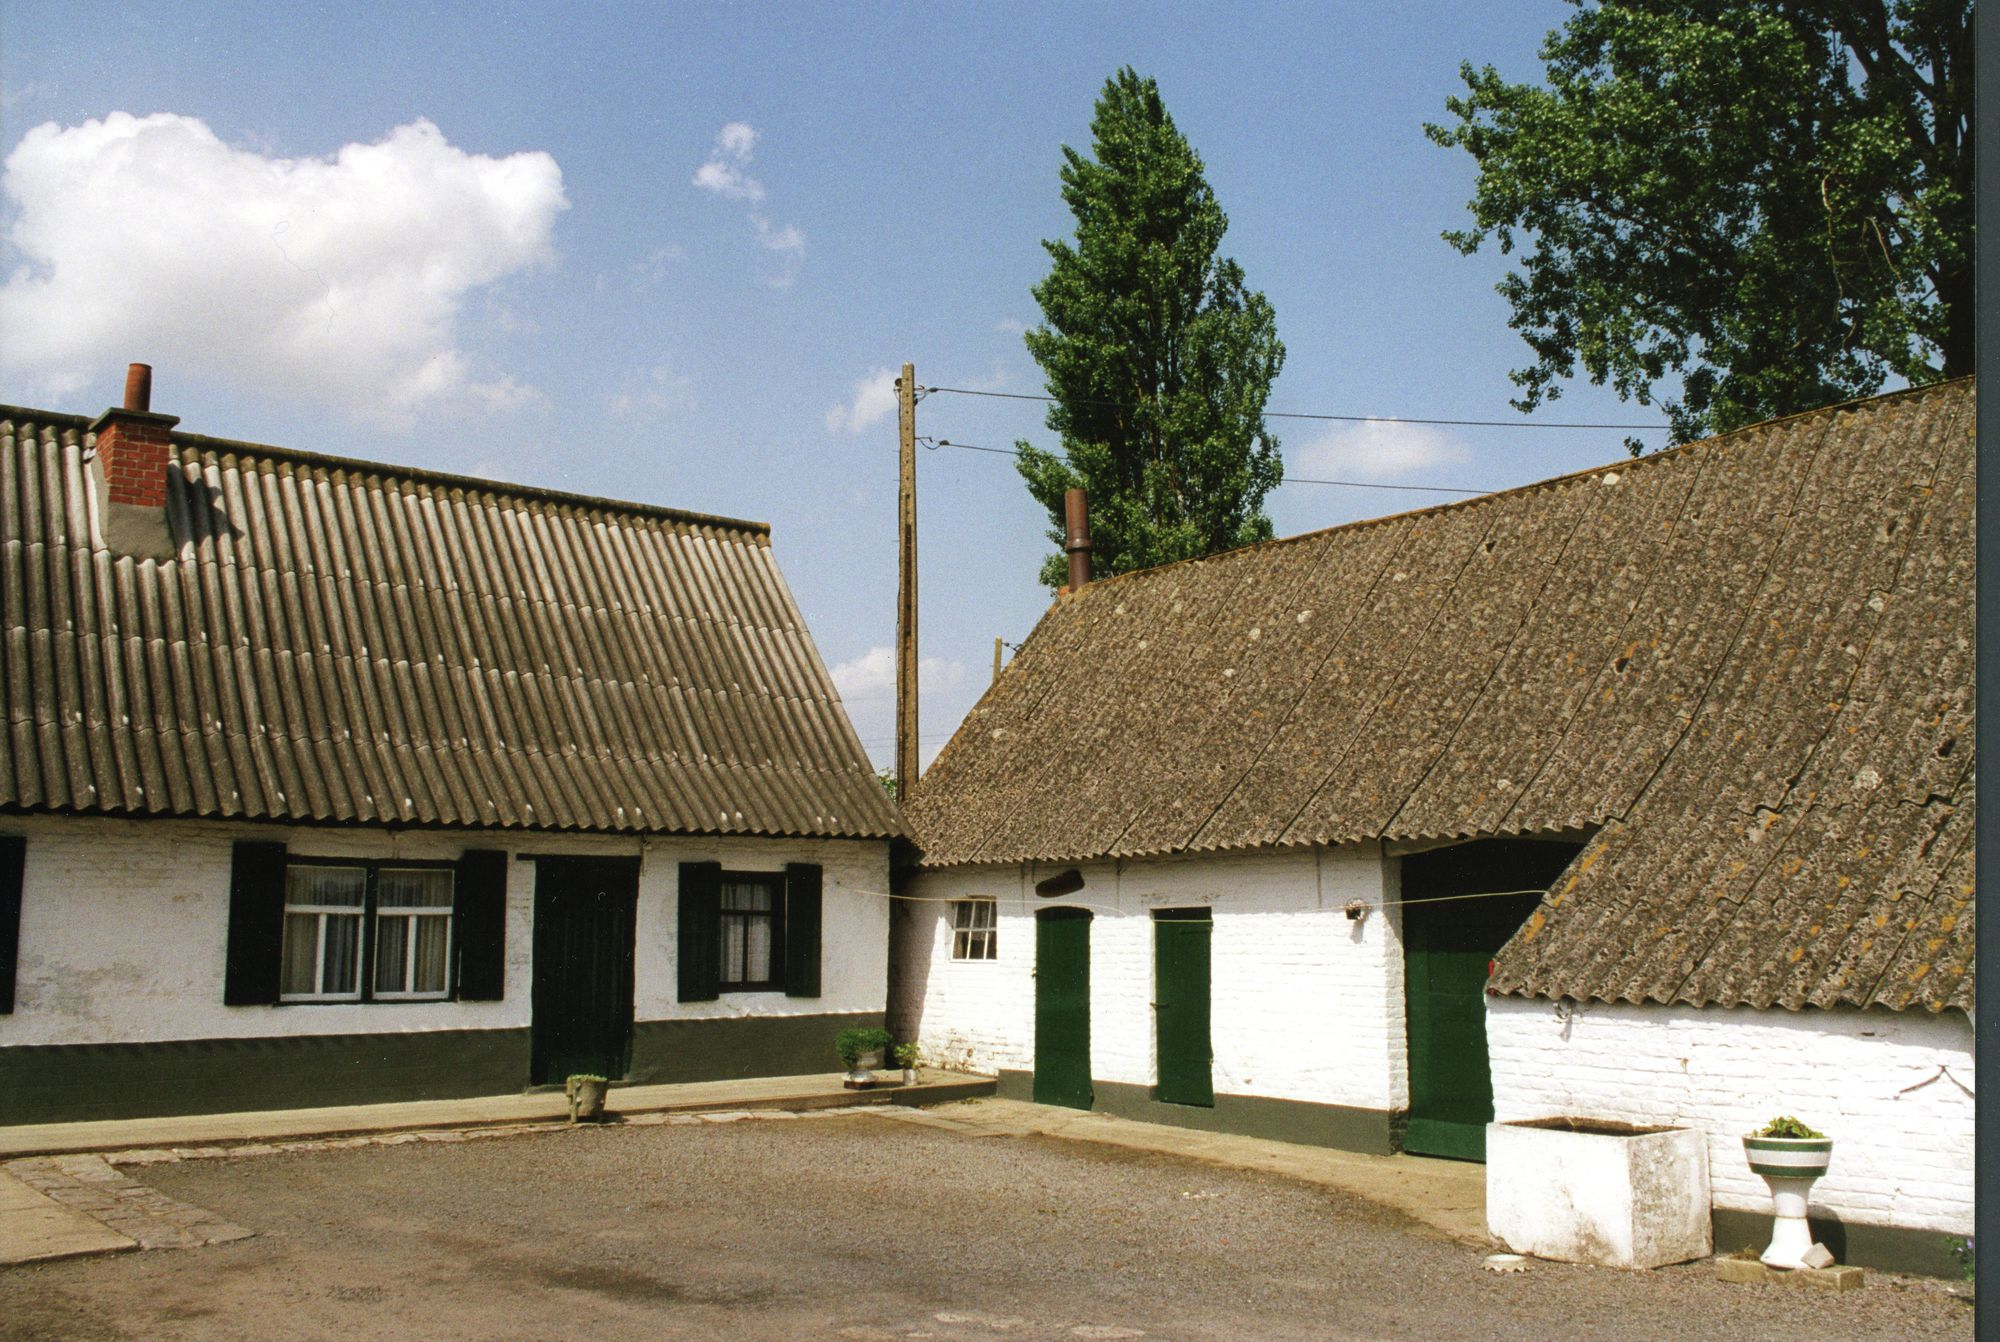 Veldstraat 2 Otegem